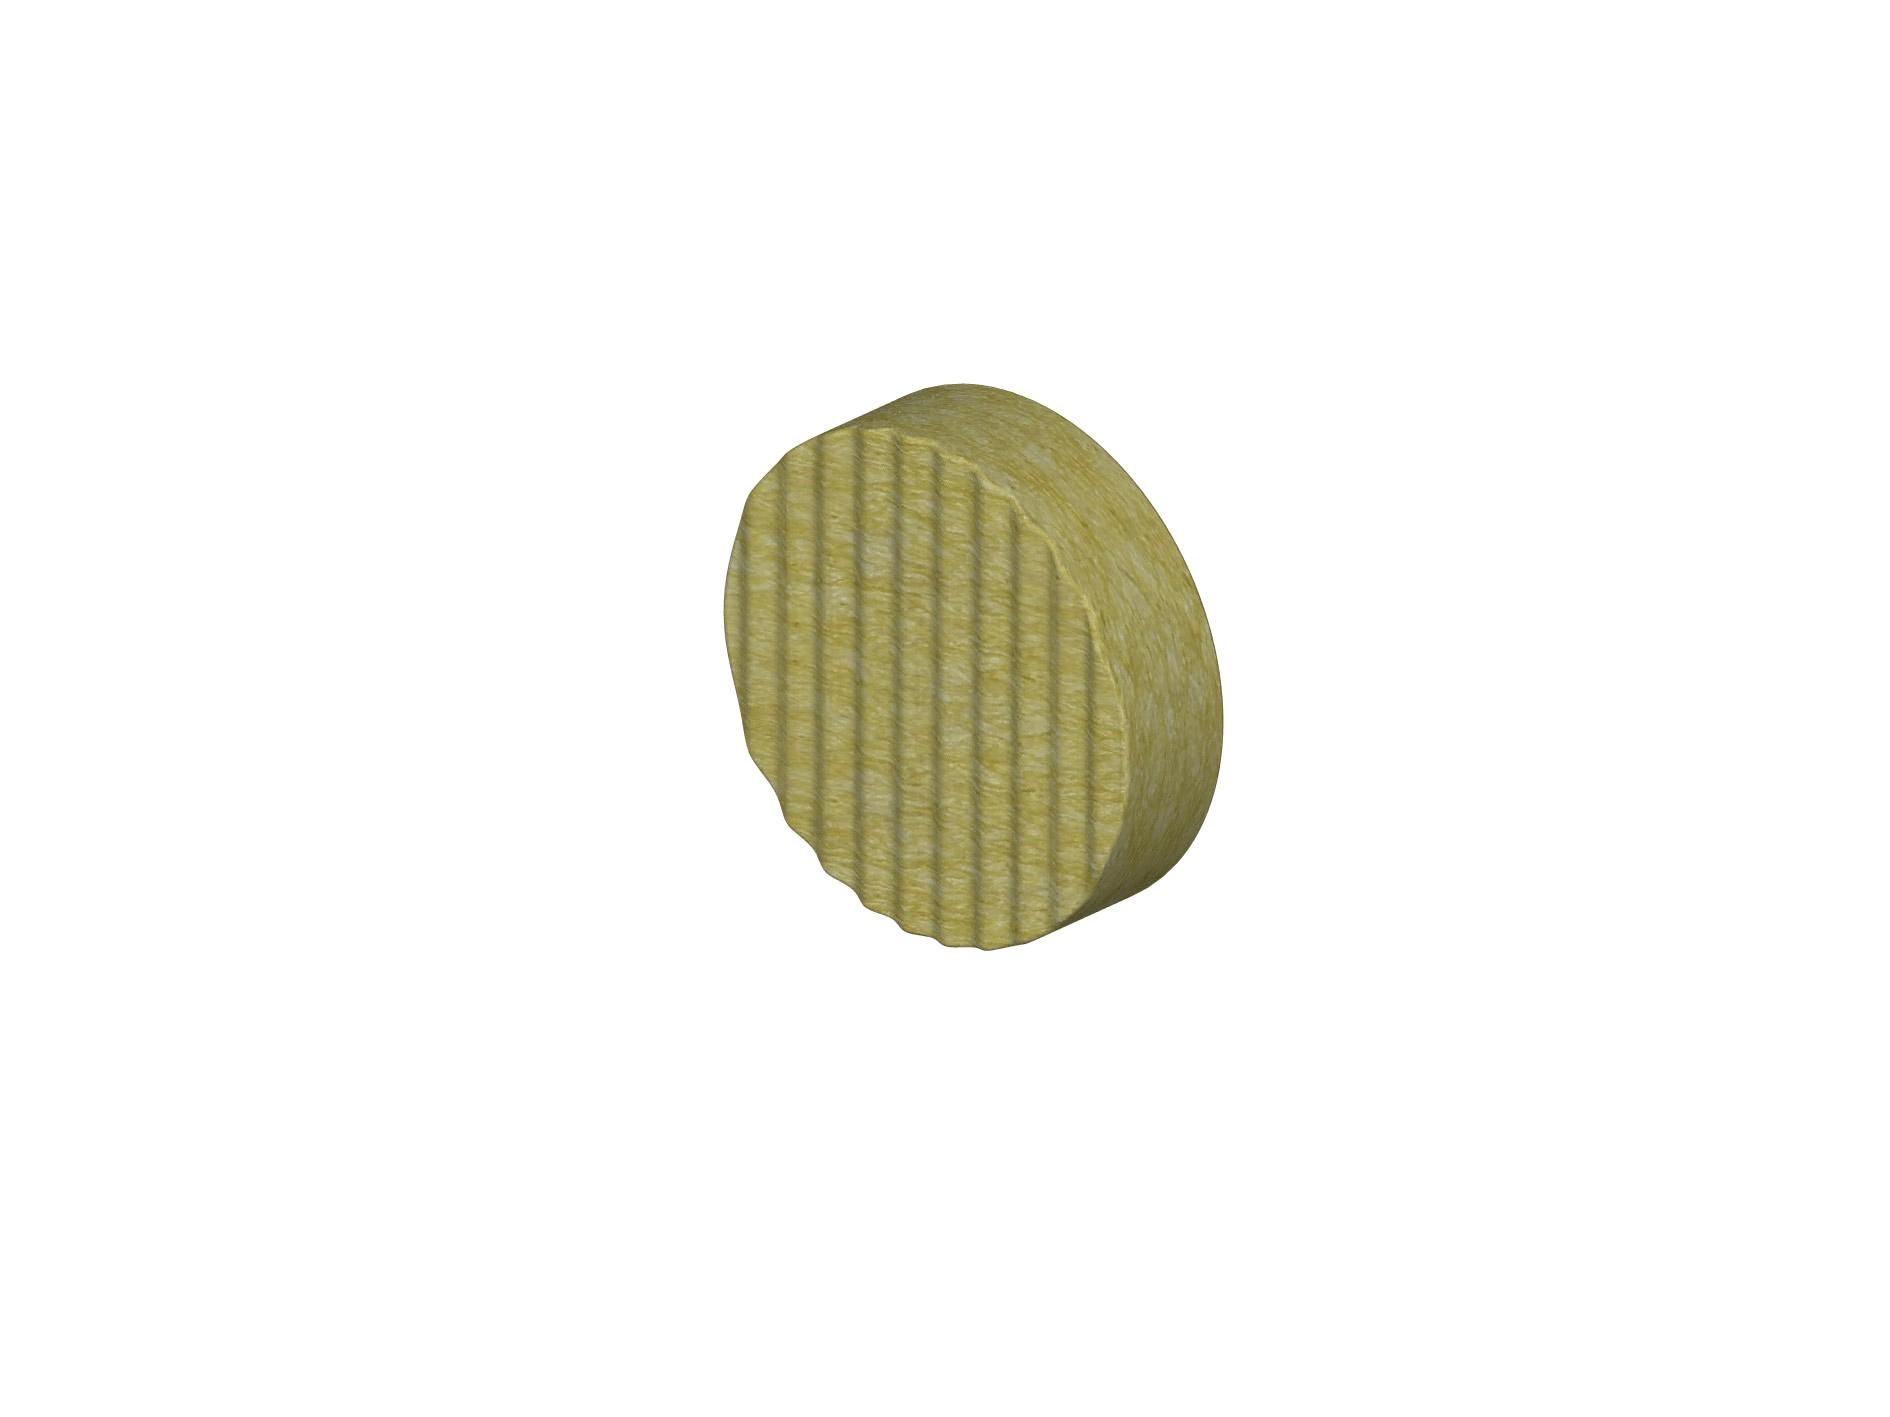 RONDELLA IN LANA DI ROCCIA: Tappo isolante in lana di roccia per tassello FASSA TOP FIX 2G